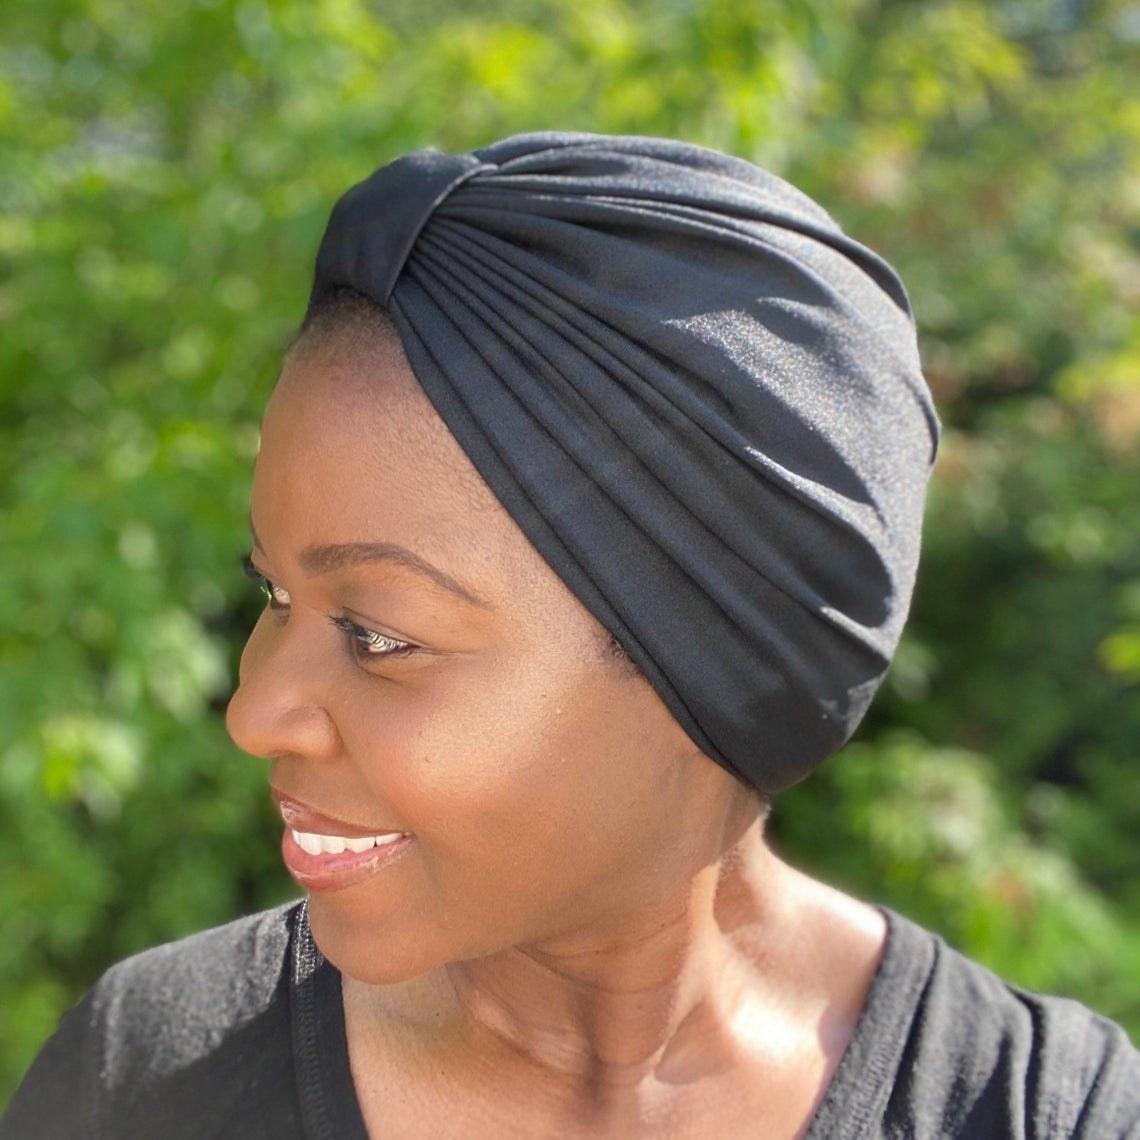 A model wearing the head wrap in black